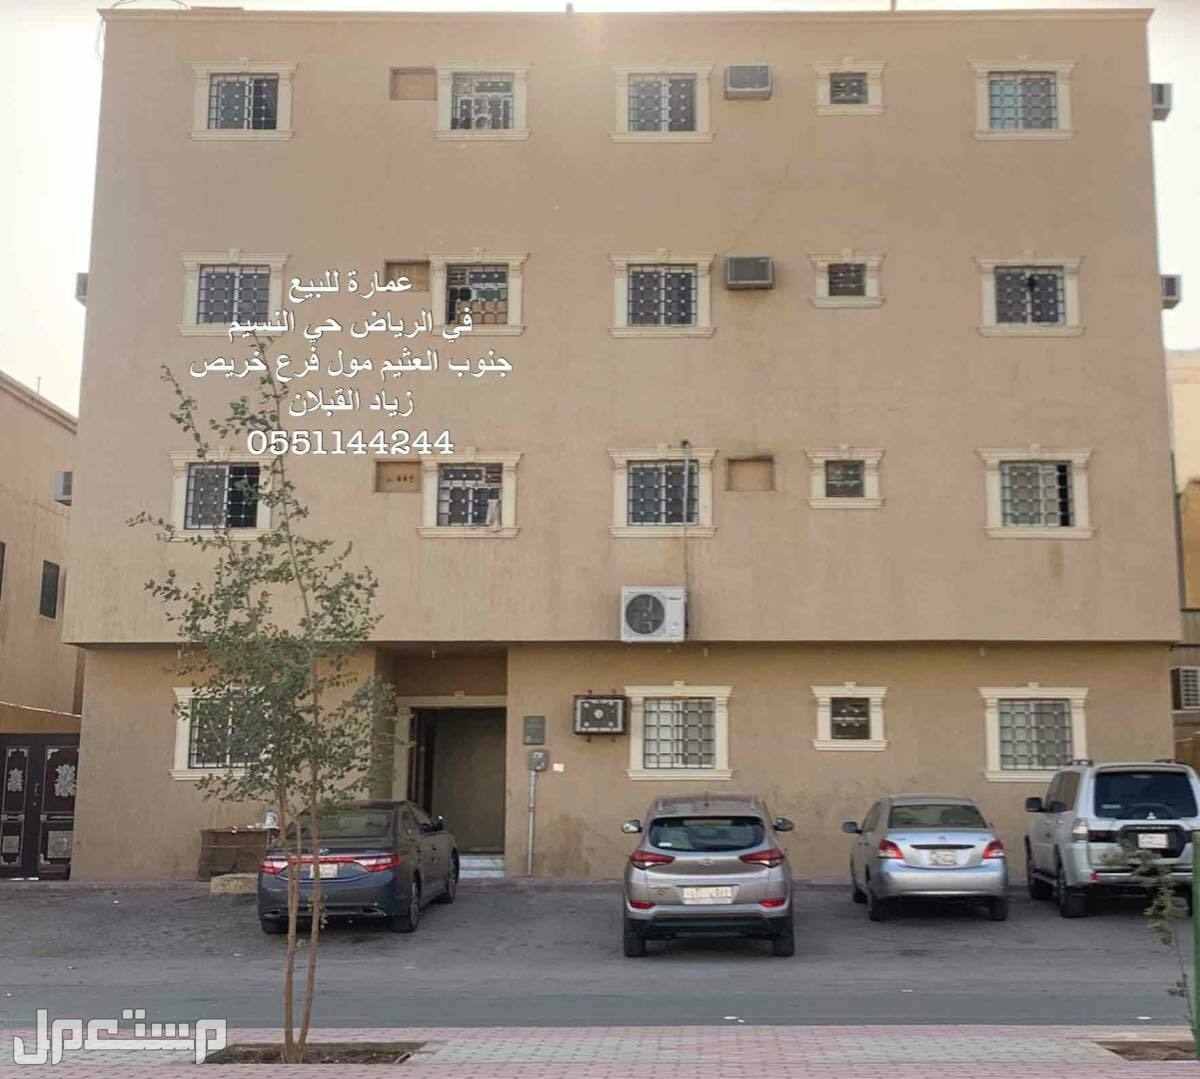 للبيع عمارة في حي النسيم بالرياض ( 7 شقق + 7 عدادات + 4 ادوار ) 0551144244